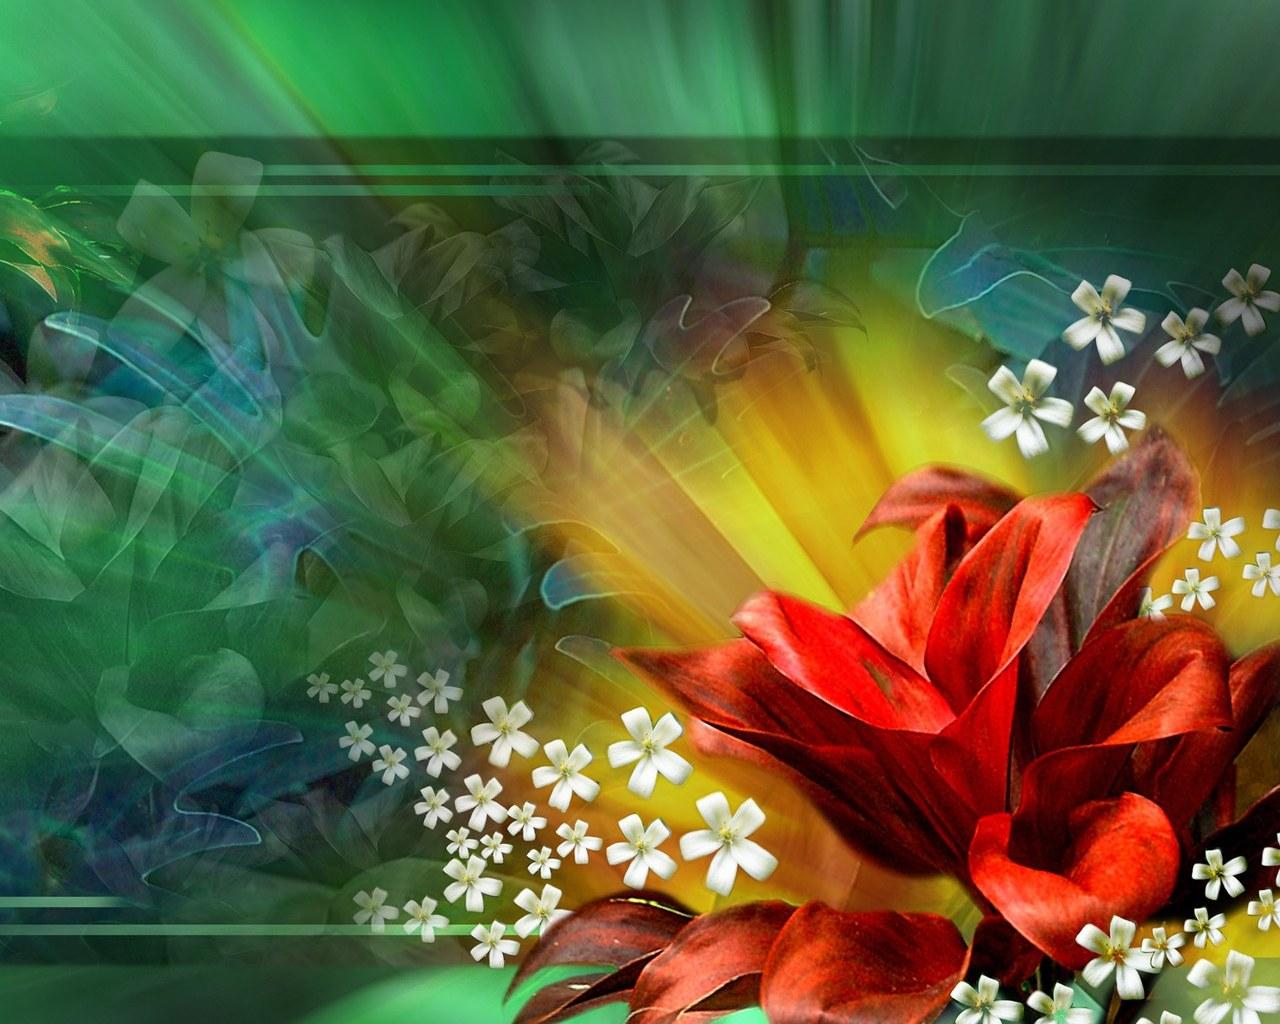 http://2.bp.blogspot.com/-366HHyvkWS4/TqptuY1j87I/AAAAAAAAAK8/JMOYzexYsZs/s1600/3d-Animated-Wallpaper-37.jpg